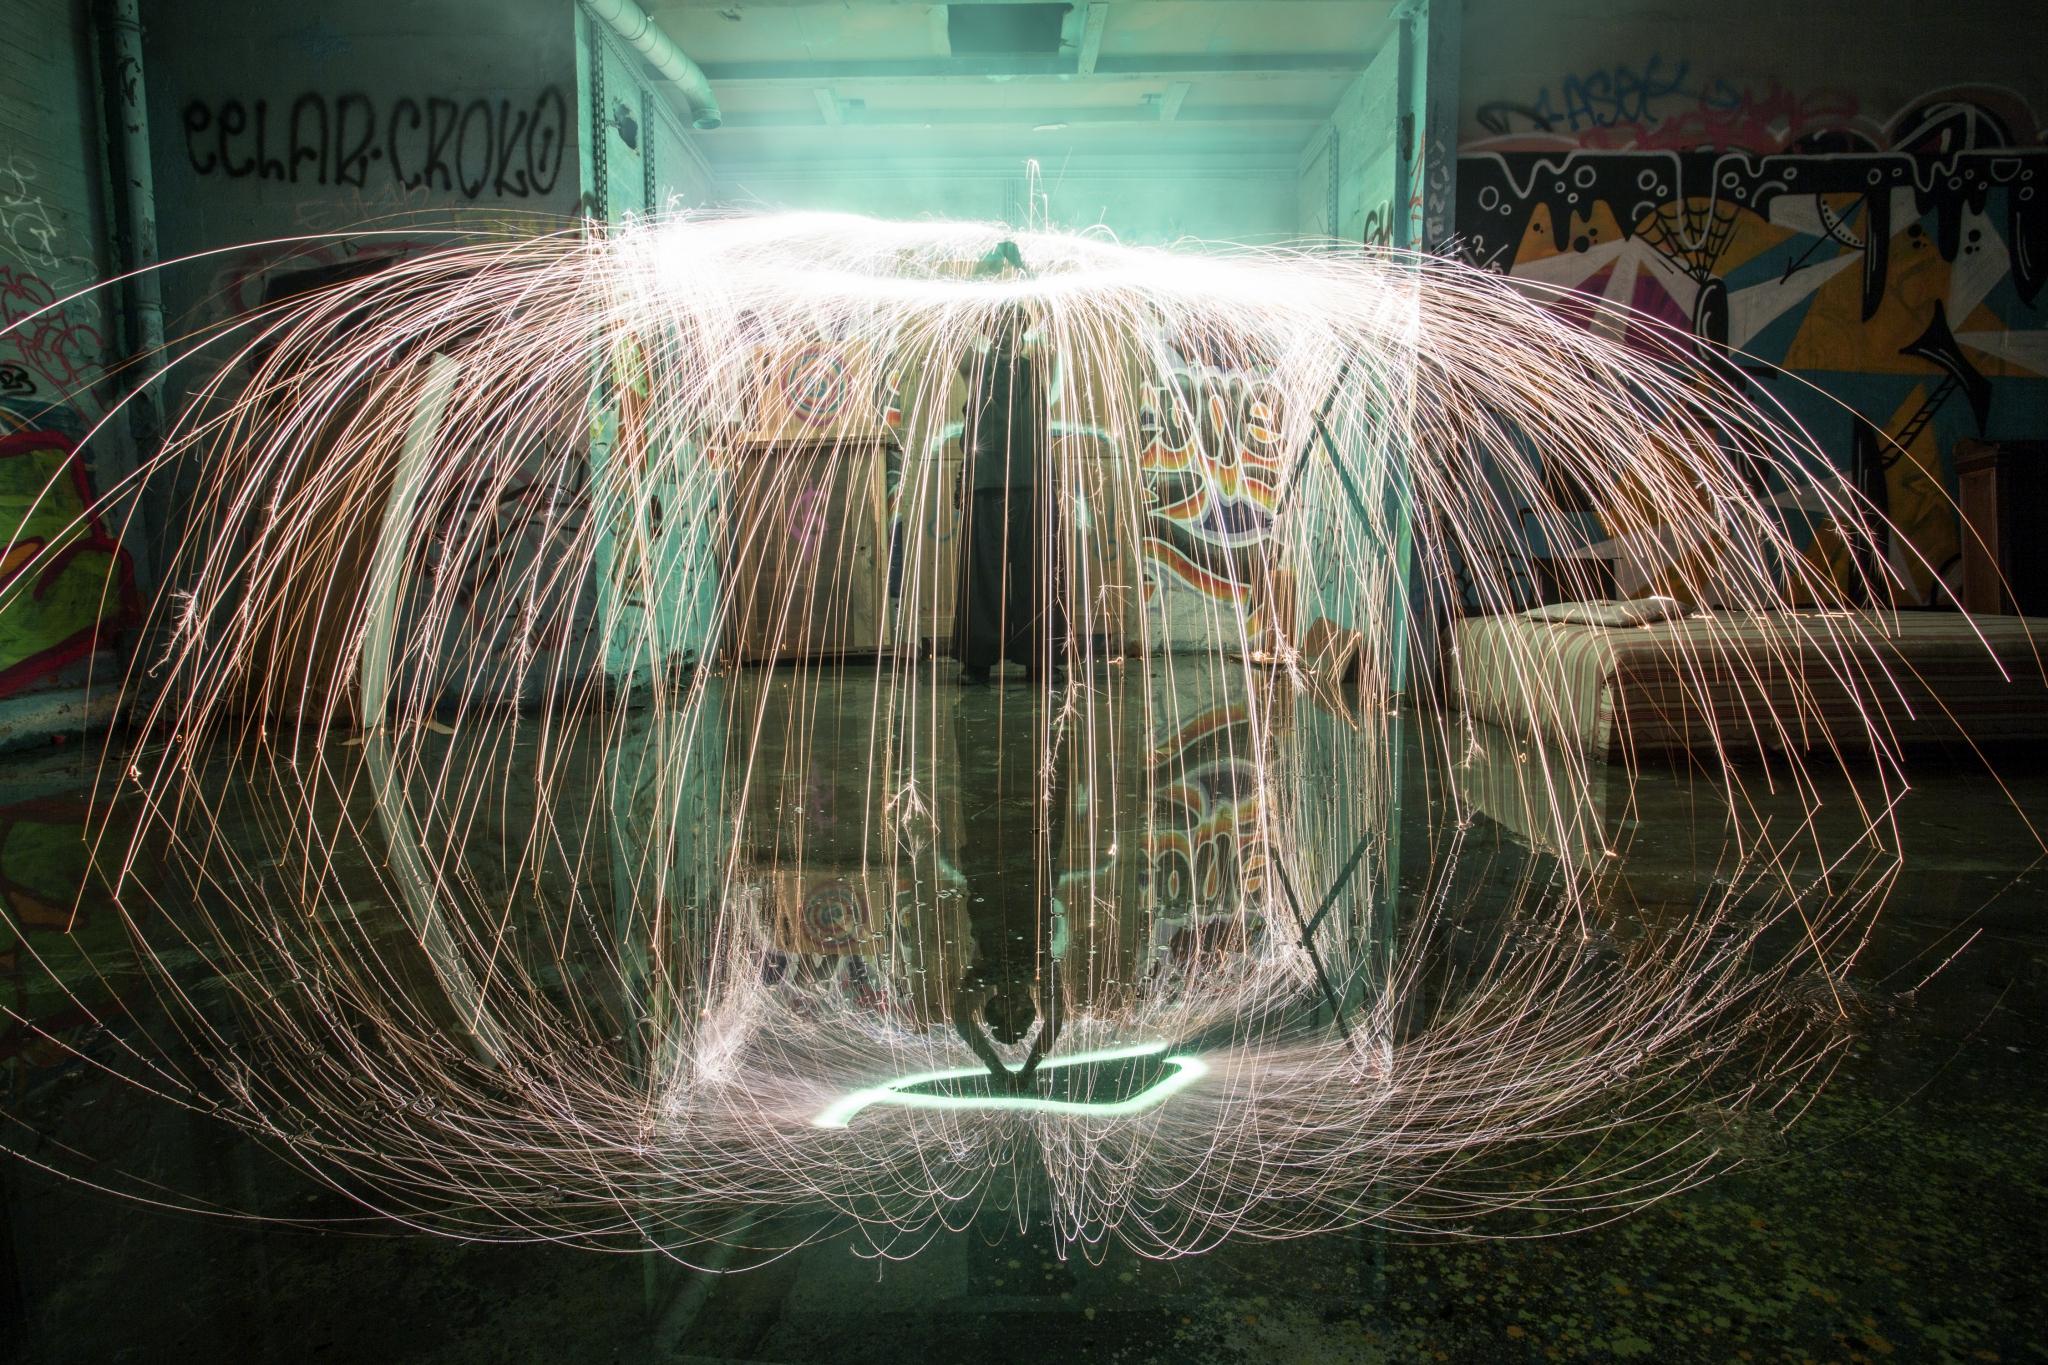 manu, Ma Nu,Ma Nu le jongleur, arès,ares,jongleur bassin d'arcachon,jongleur andernos, julie bruhier, jongleur, jonglerie, spectacle bassin d'arcachon,artiste du bassin d'arcachon, photos feu